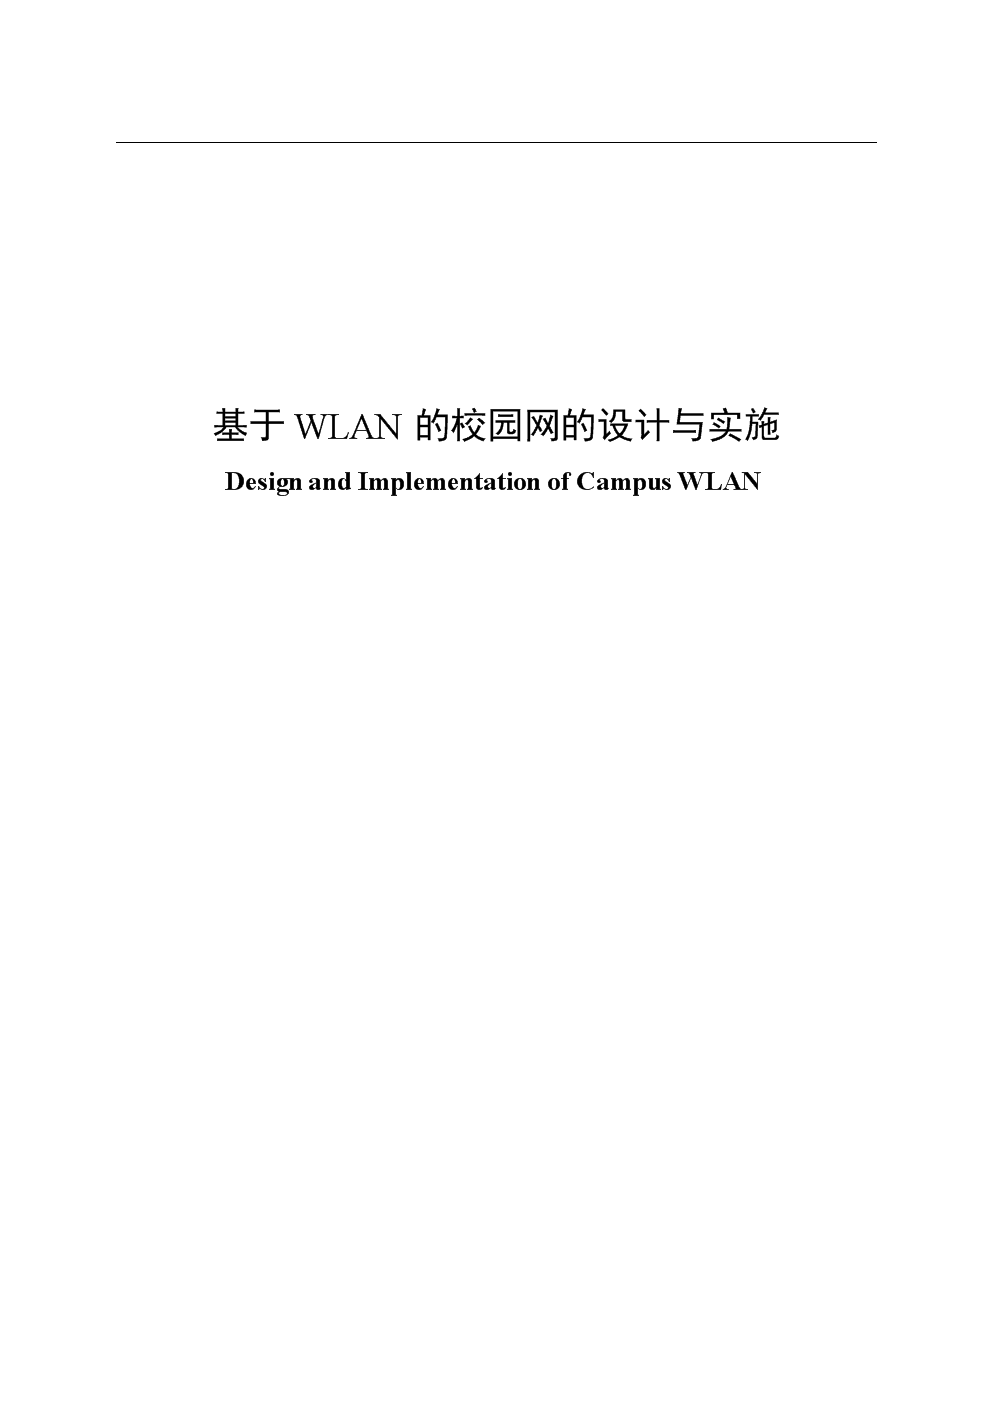 基于wlan的校园网的设计与实施.doc